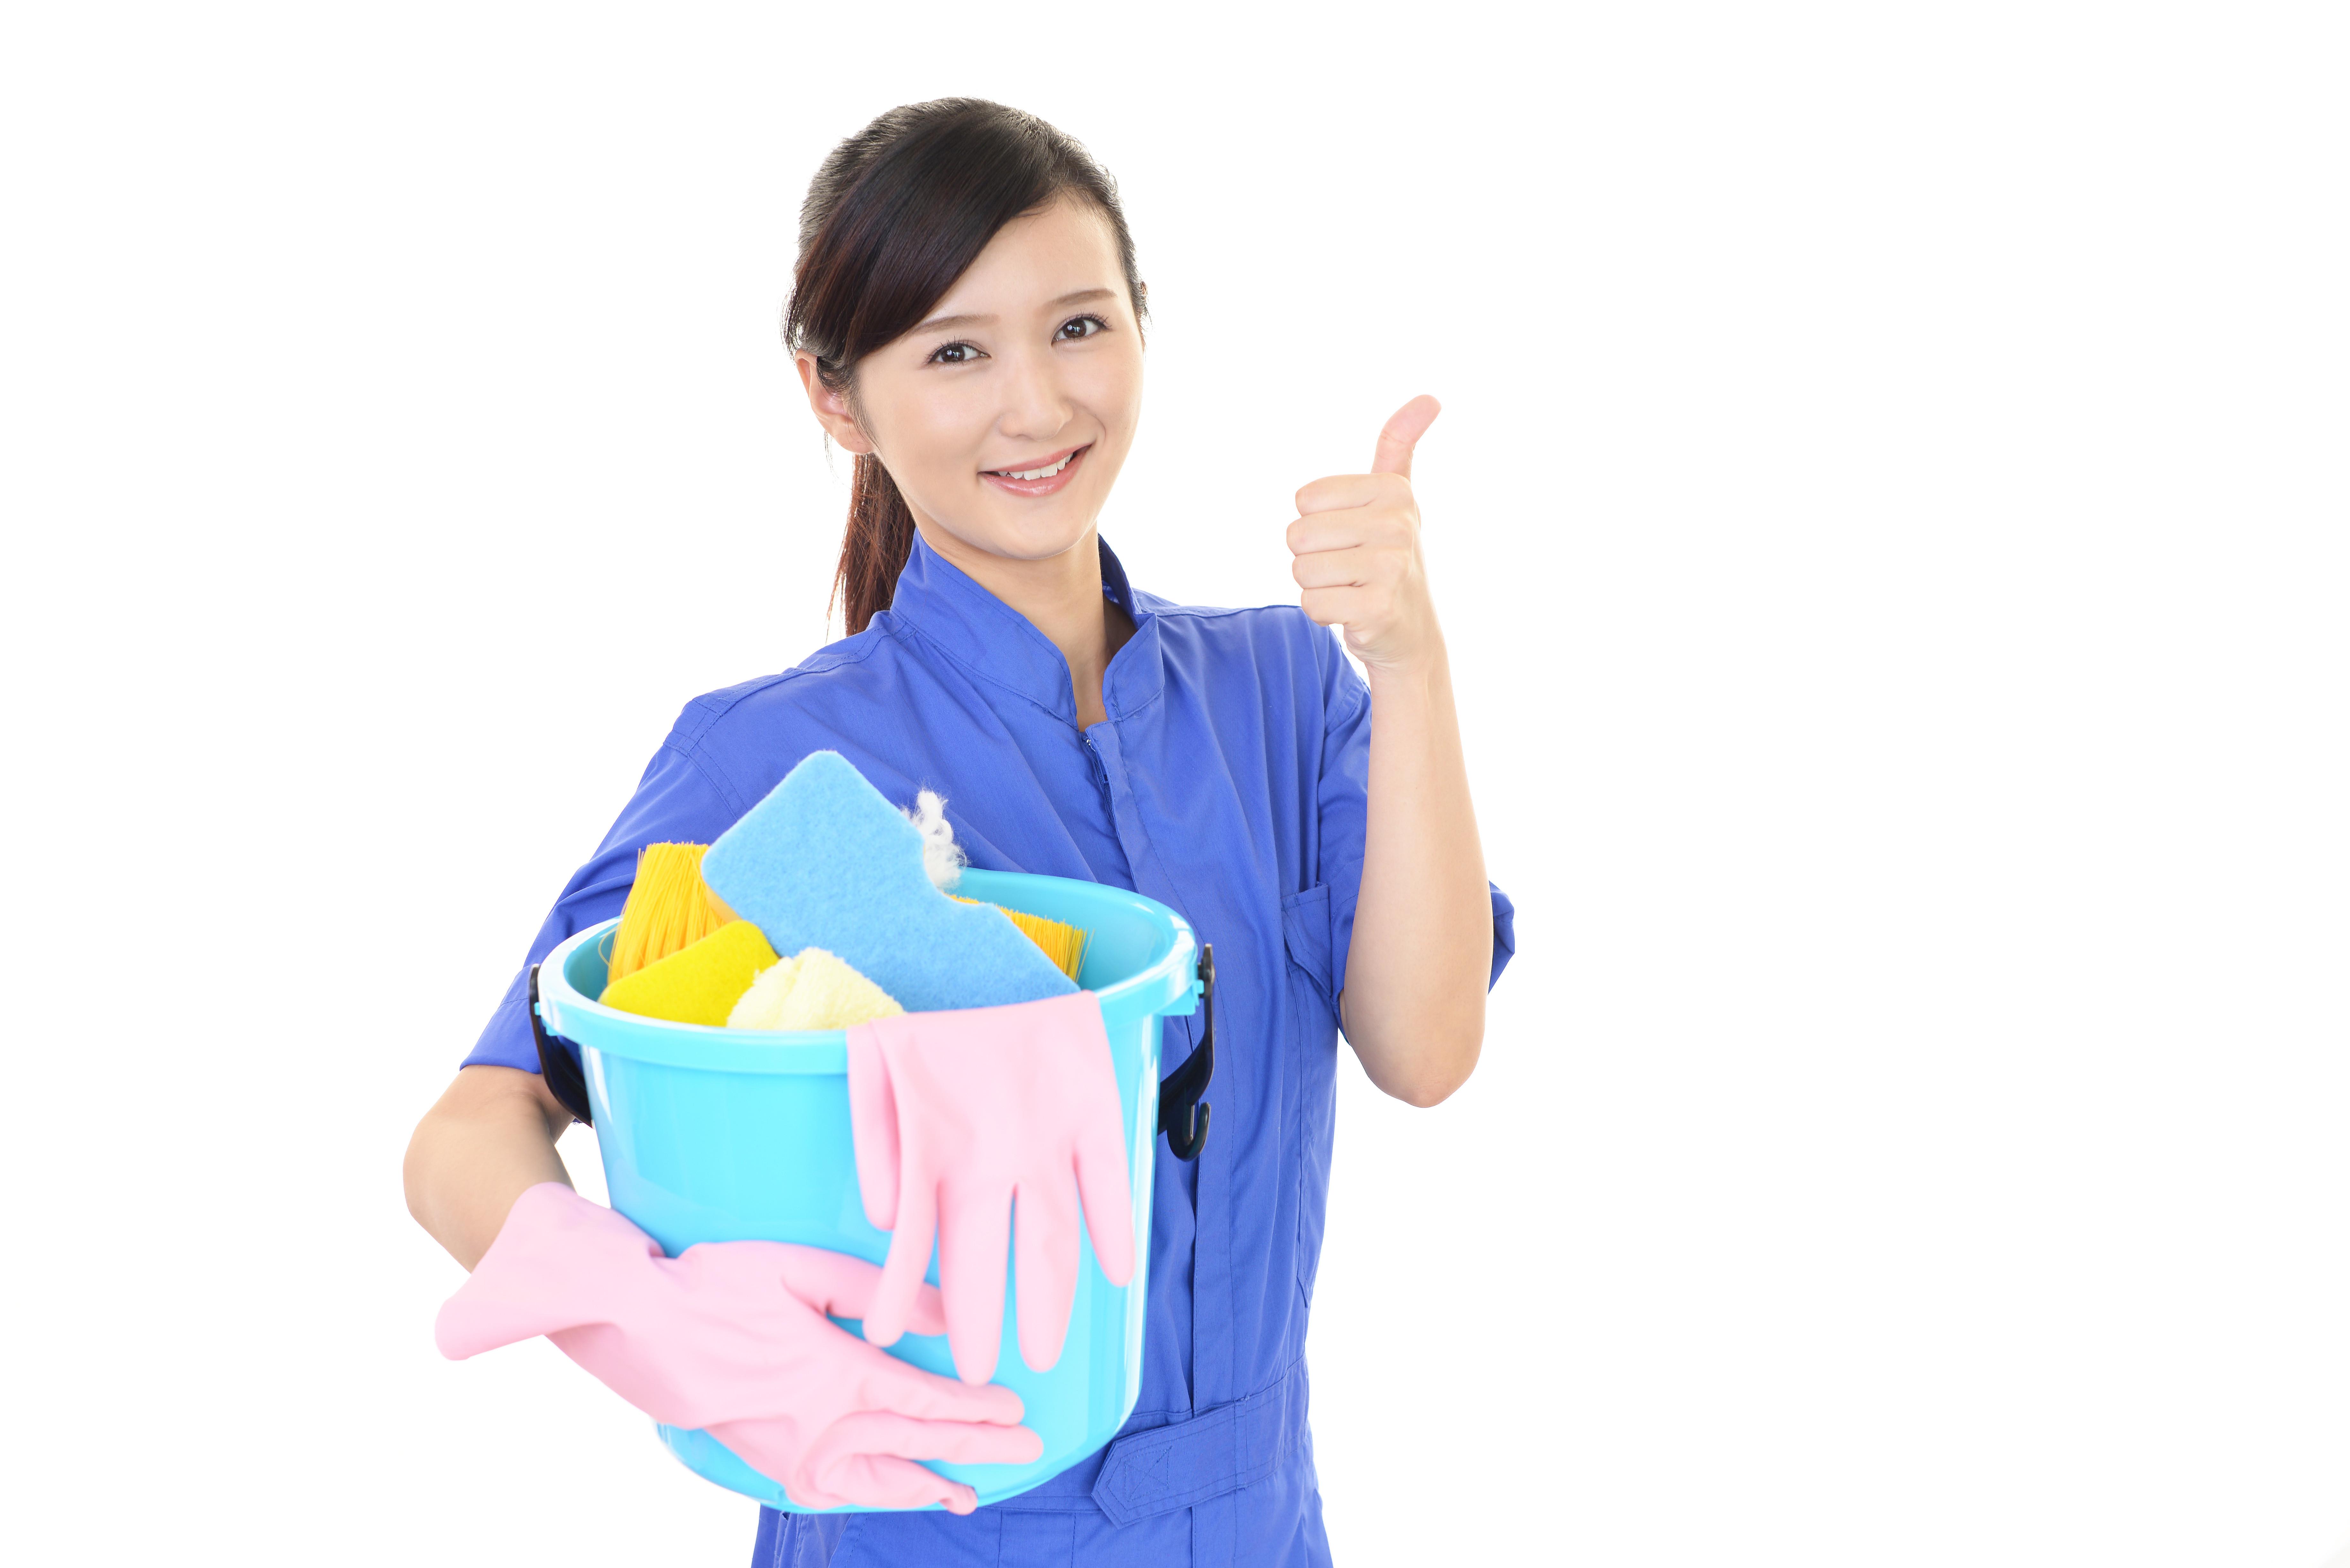 清掃スタッフ 梅田エリア 共同産業株式会社 のアルバイト情報